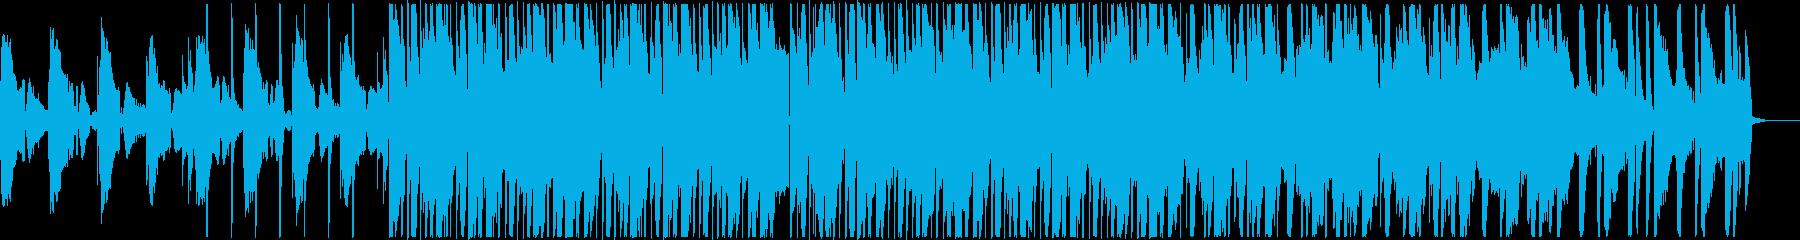 ノリの良いLo-Fiビートの再生済みの波形